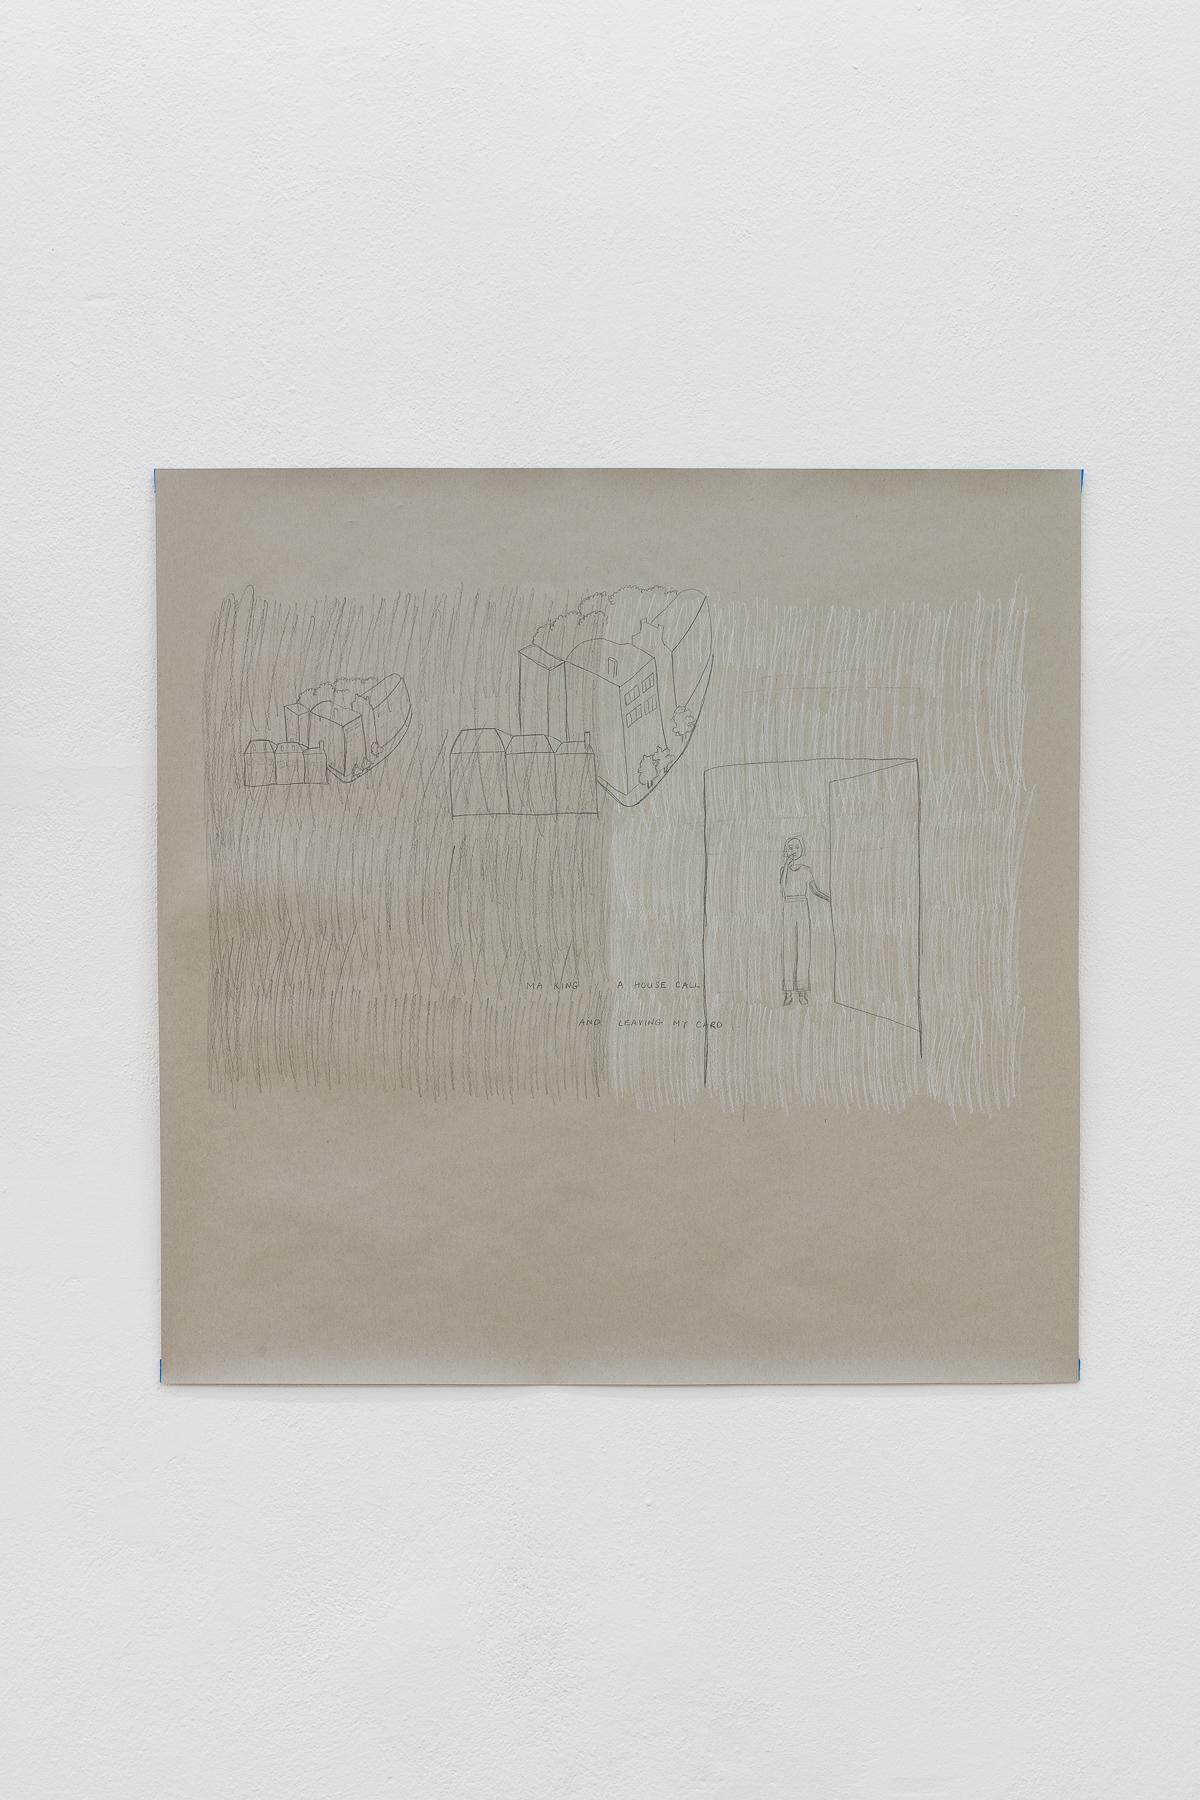 2019_03_13_Groupshow_Felix-Gaudlitz_kunst-dokumentation-com_067_web.jpg